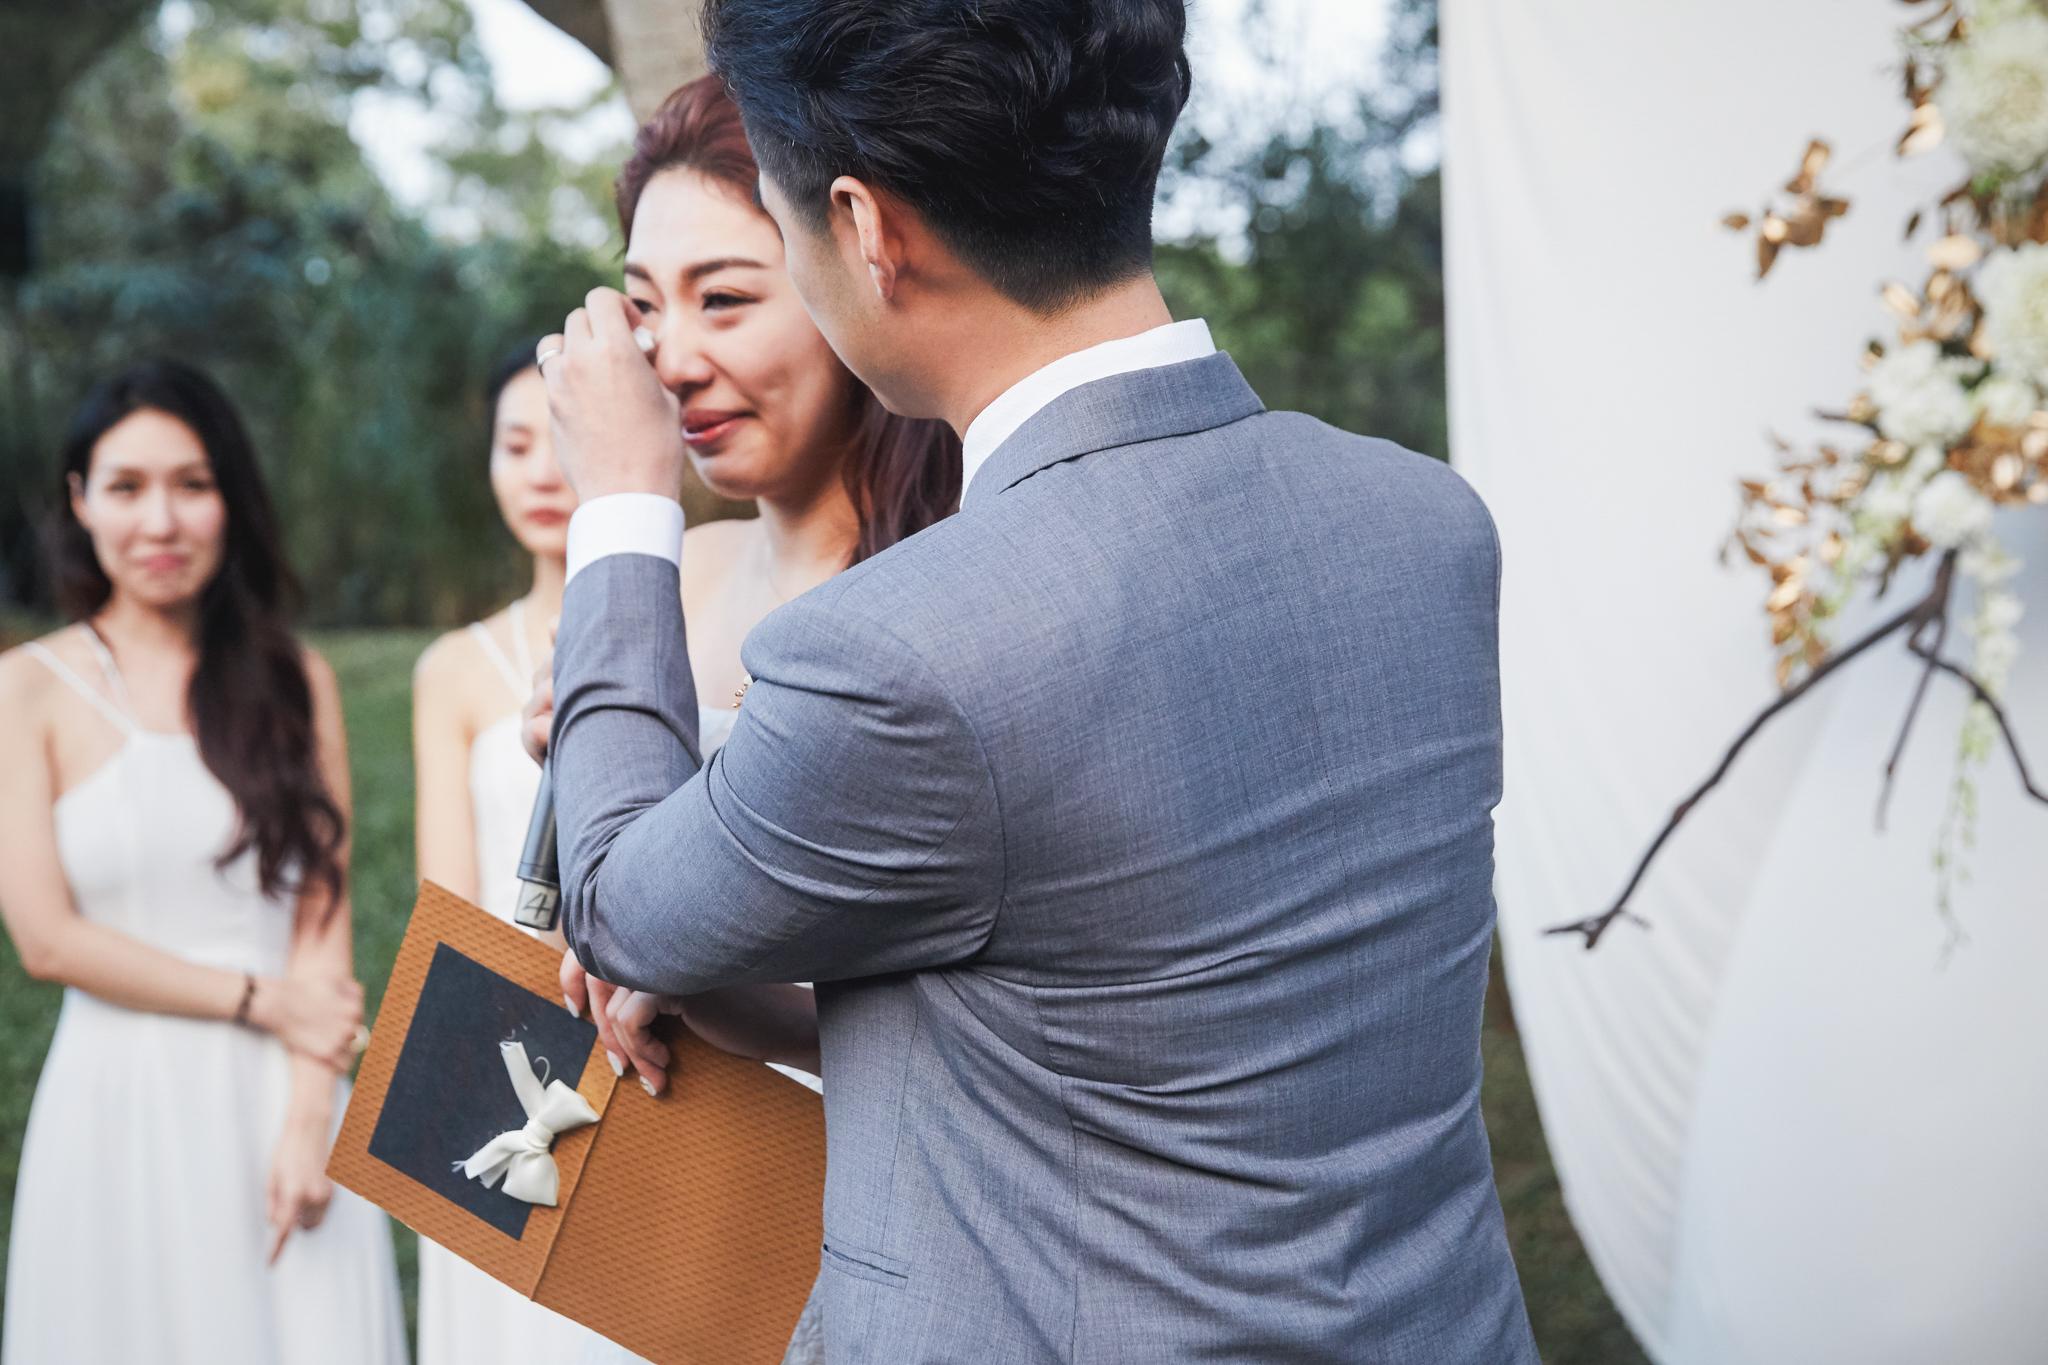 顏牧牧場婚禮, 婚攝推薦,台中婚攝,後院婚禮,戶外婚禮,美式婚禮-55